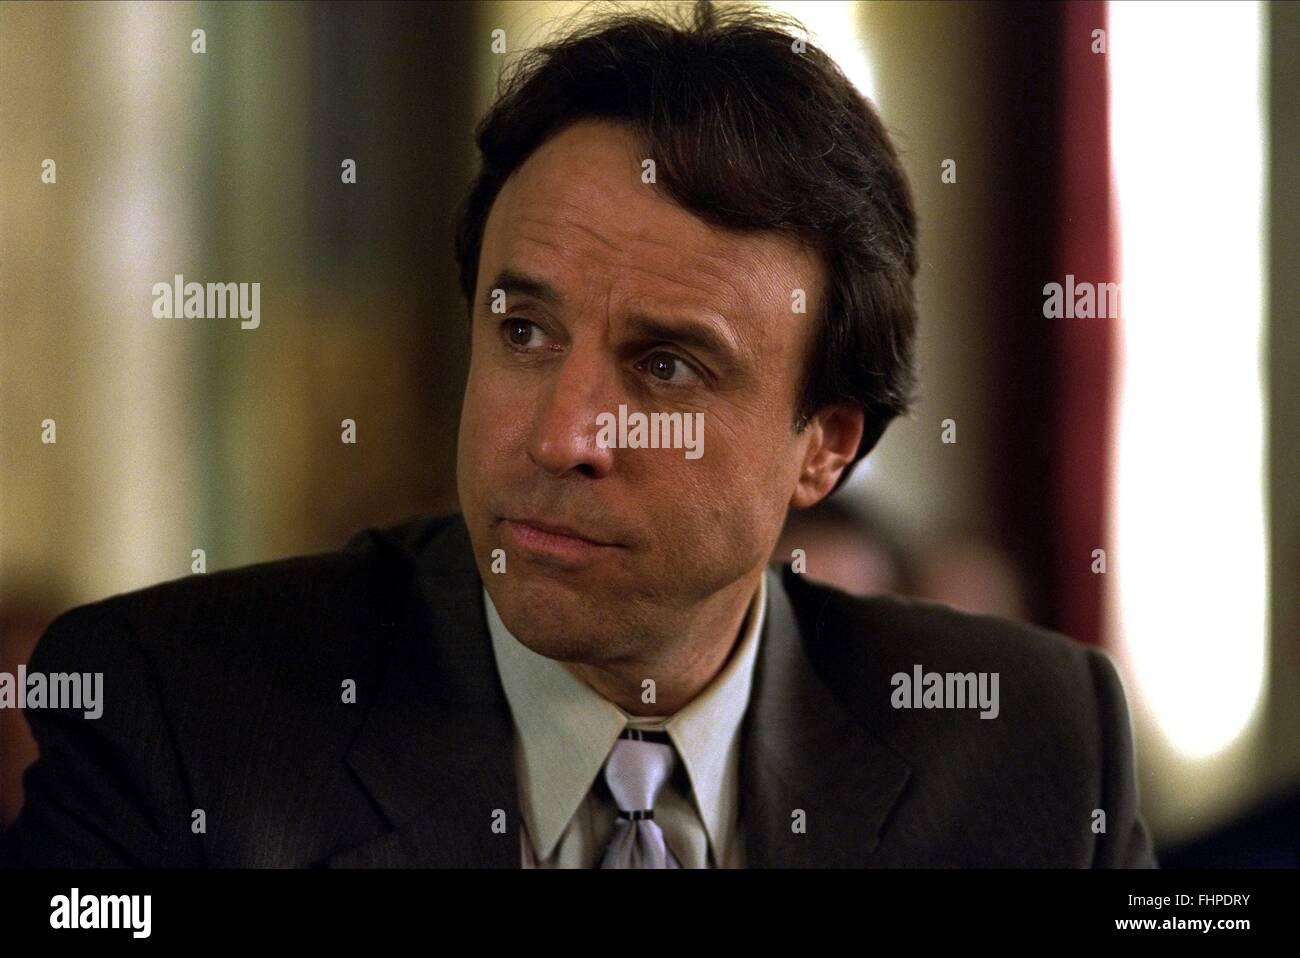 Ken Rosier Anger Management 2003 Stock Photo Alamy